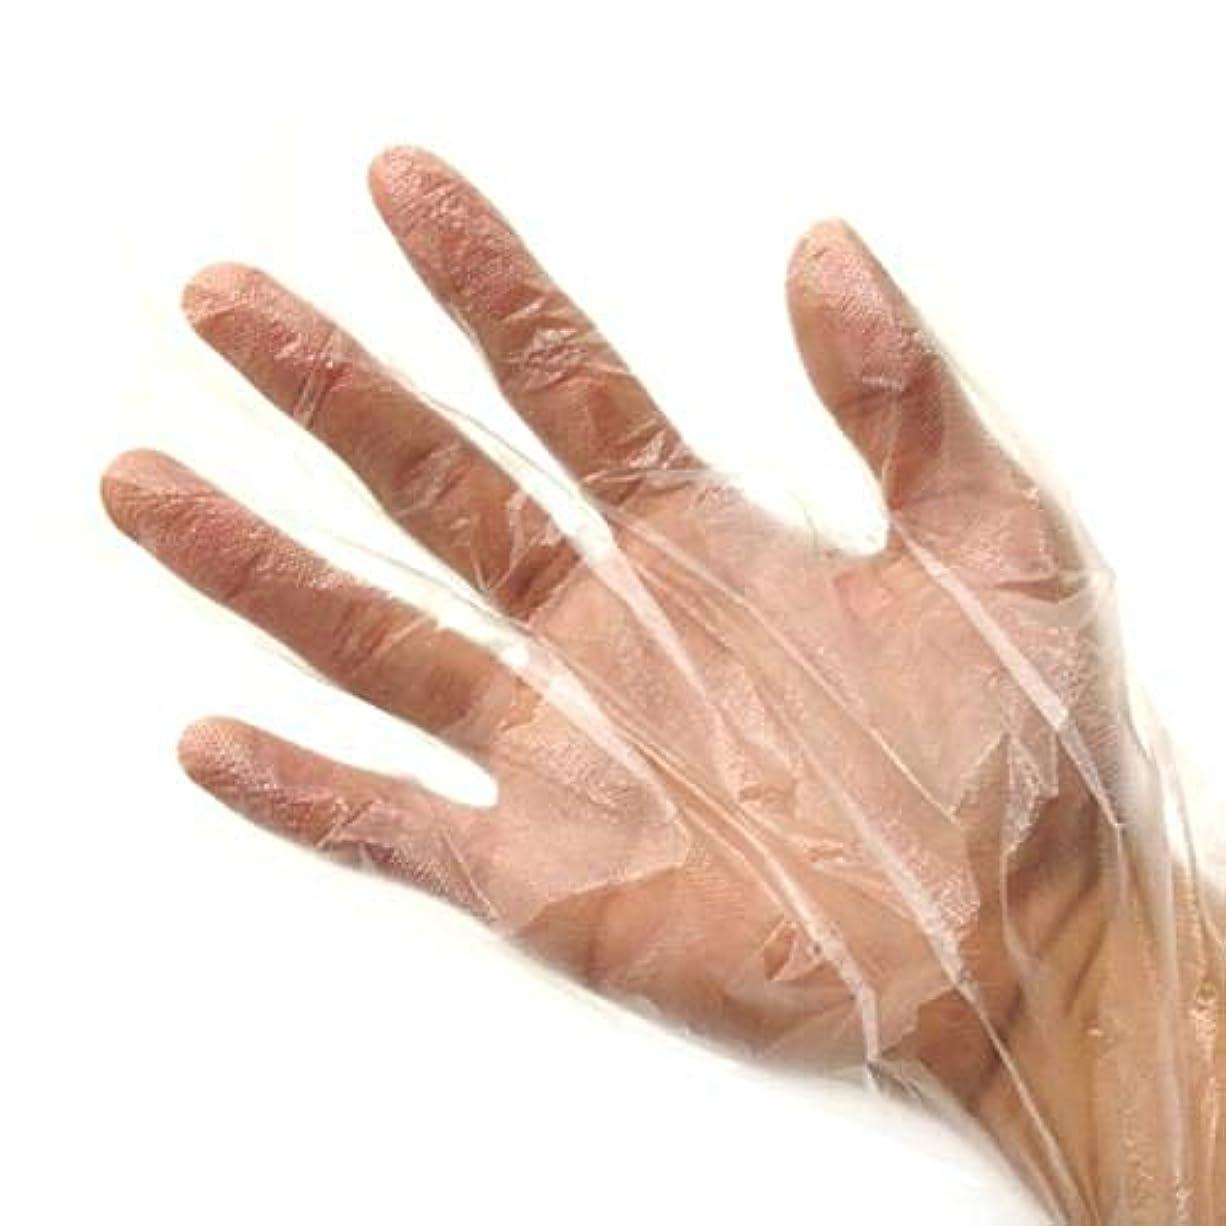 ミスペンド不愉快人差し指使い捨て手袋 極薄ビニール手袋 調理 透明 実用 衛生 100枚入